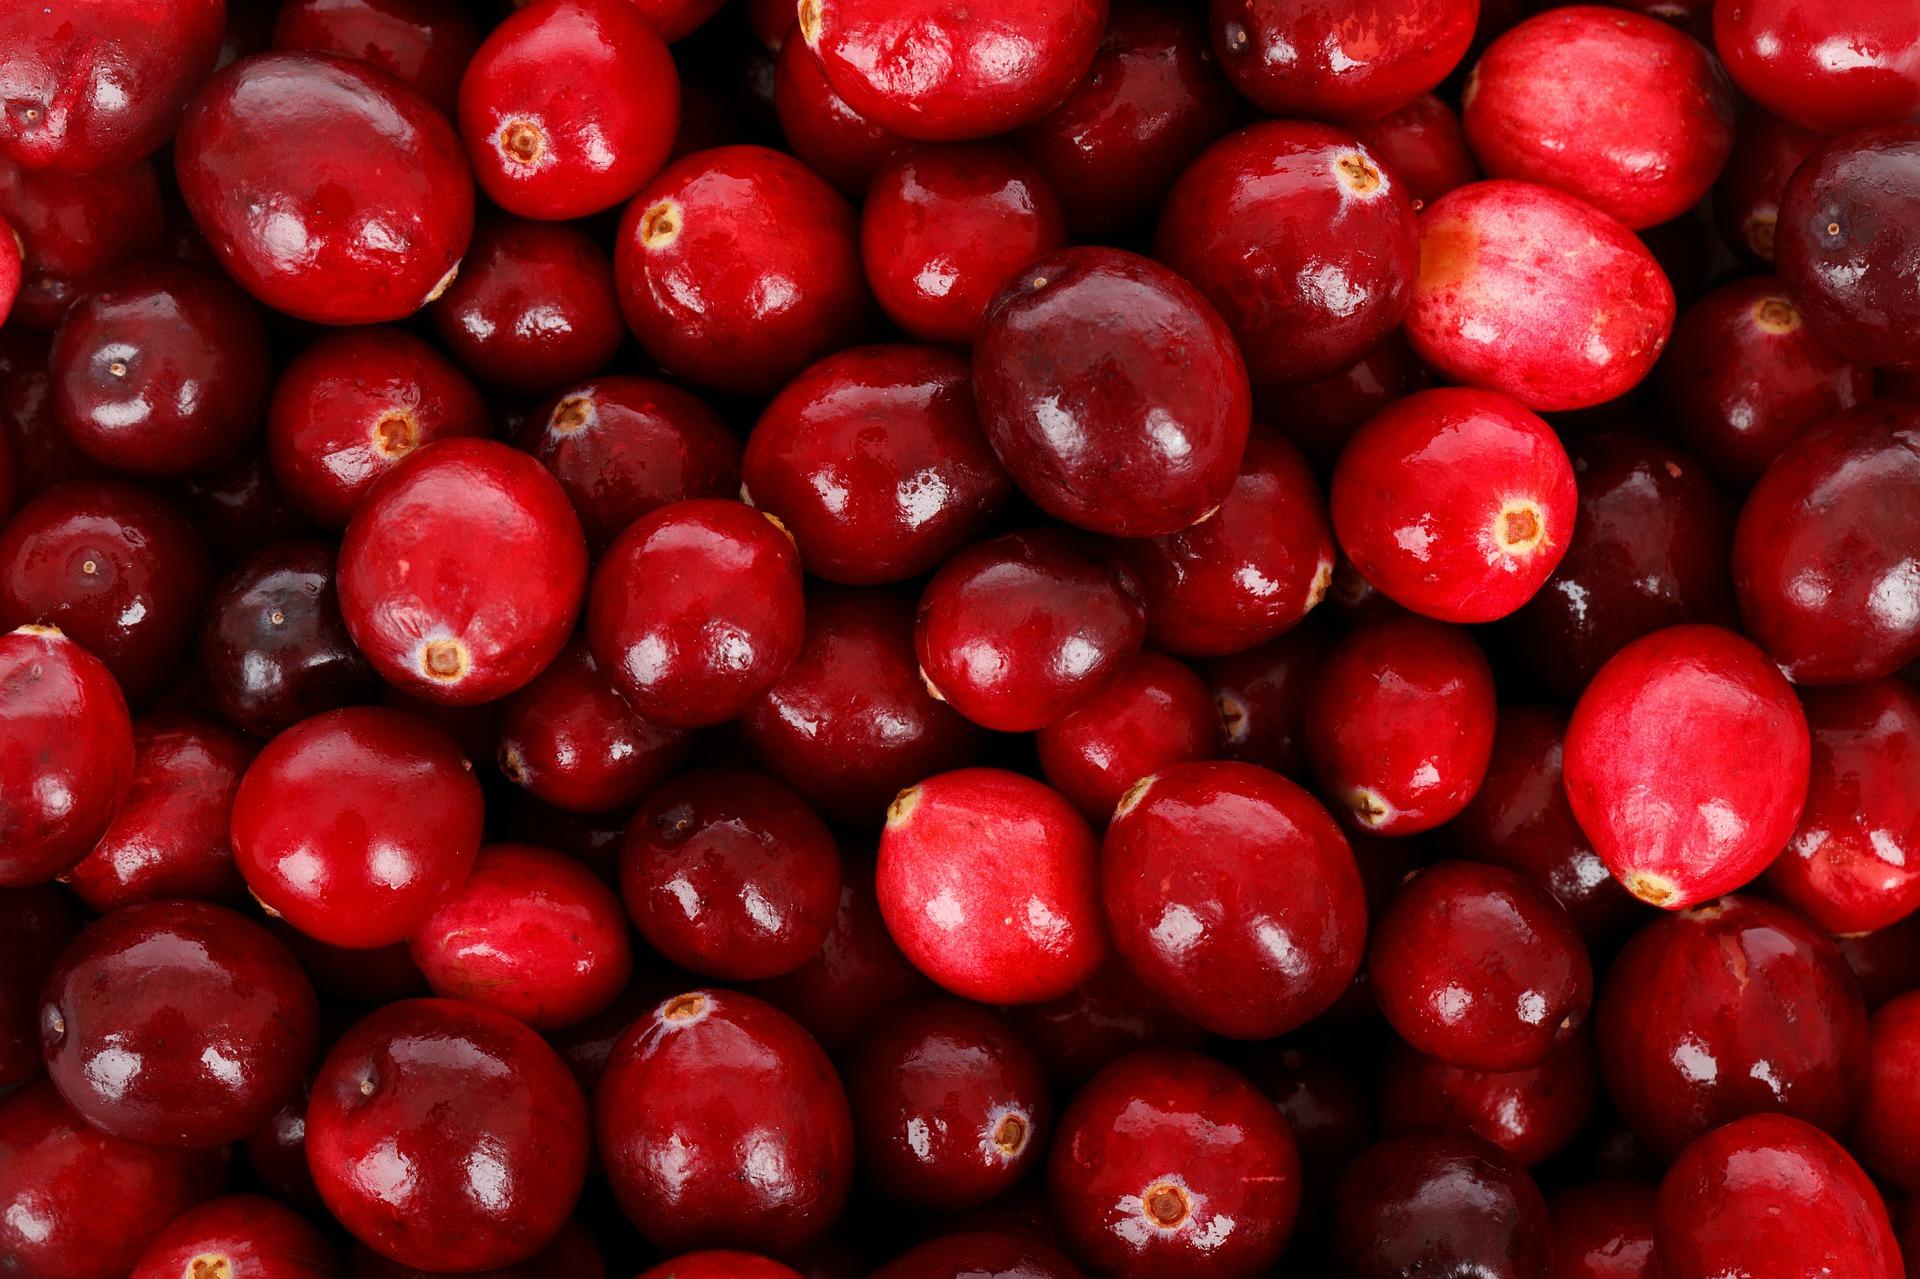 將將將將~~~~♫ 沒錯~~~~就是蔓越莓 「北美紅寶石」可不是叫假的 它富含多種營養素、能保護心血管